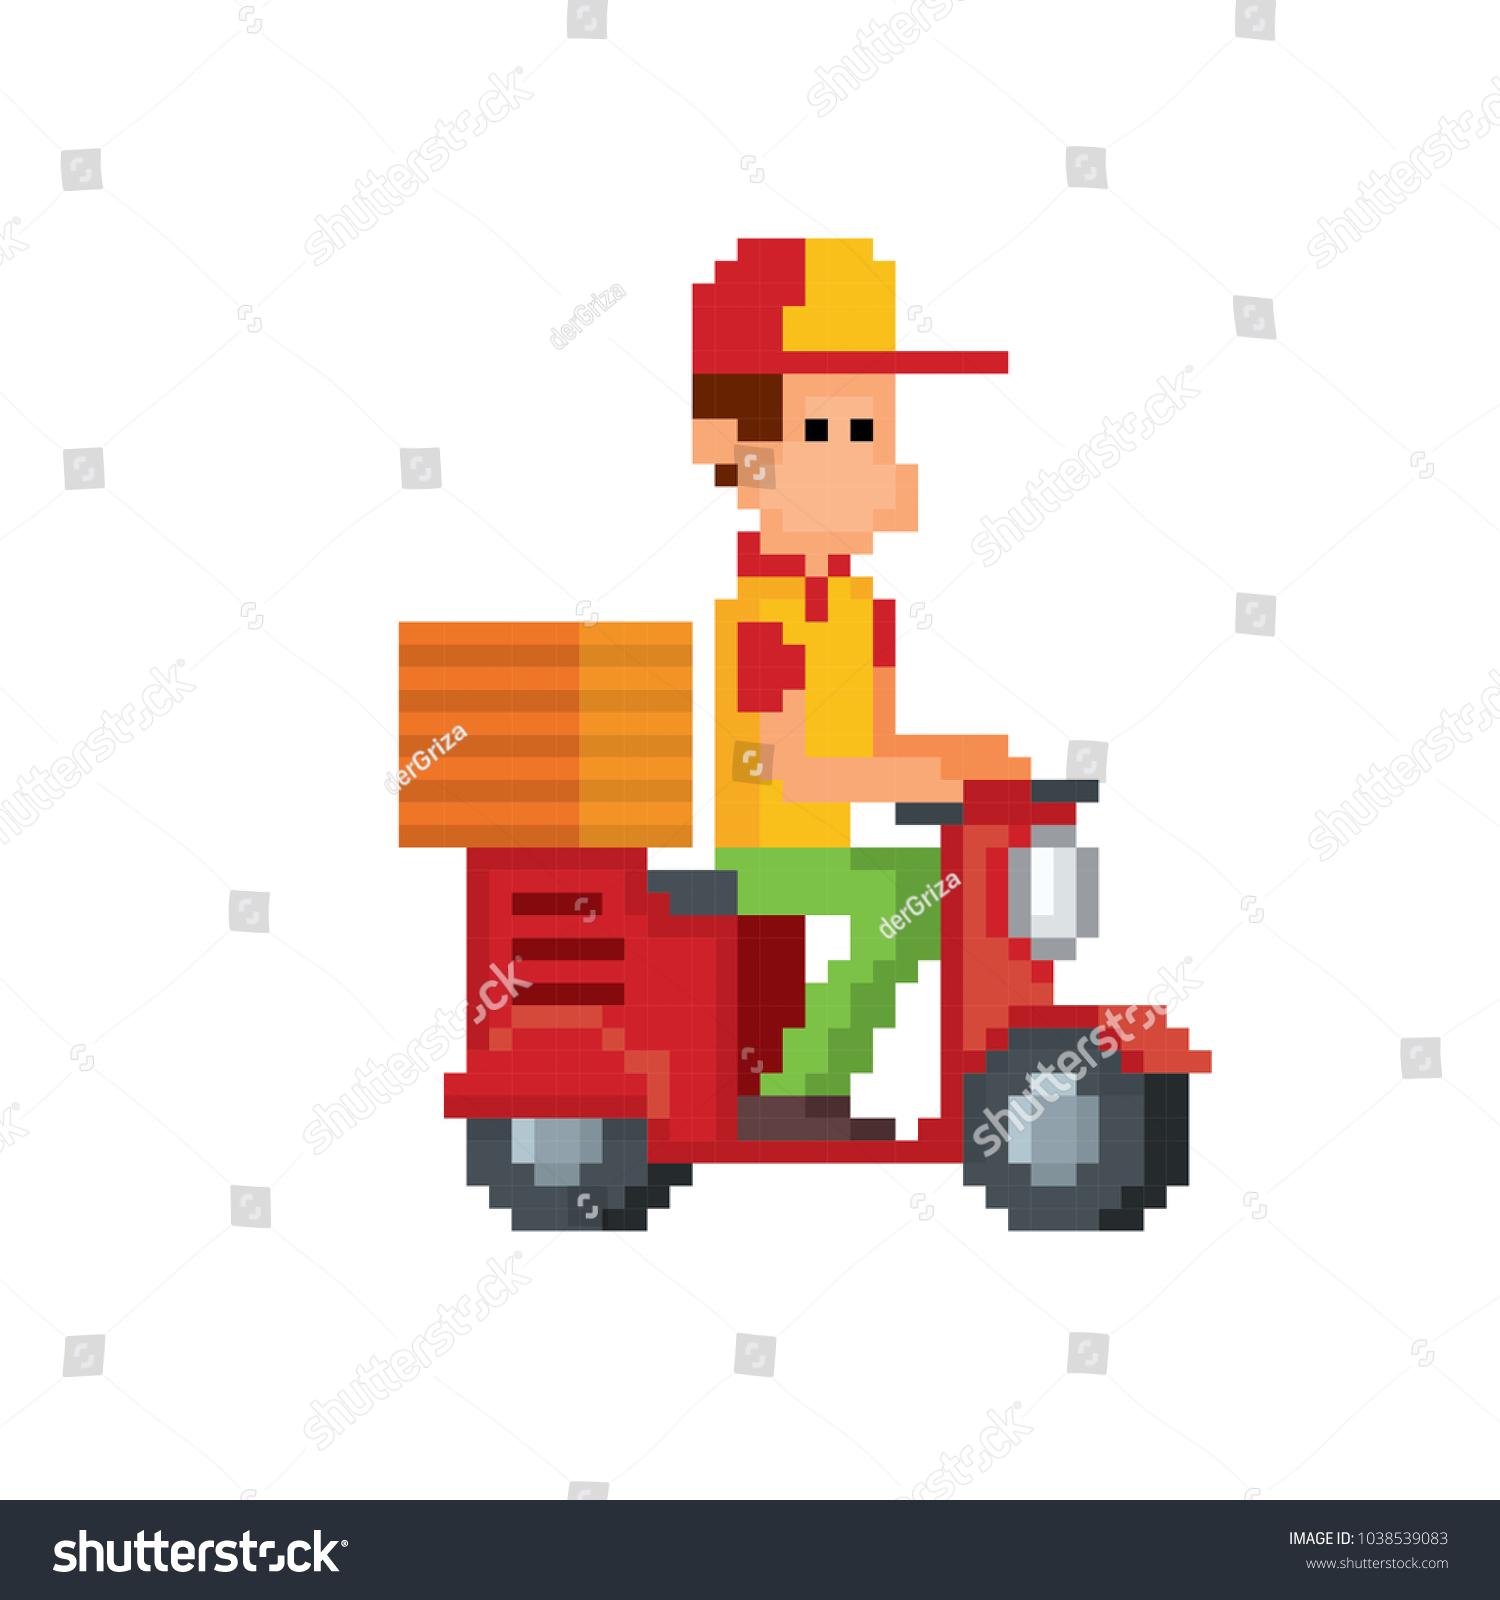 Image Vectorielle De Stock De Pizza Deliveryman On Scooter